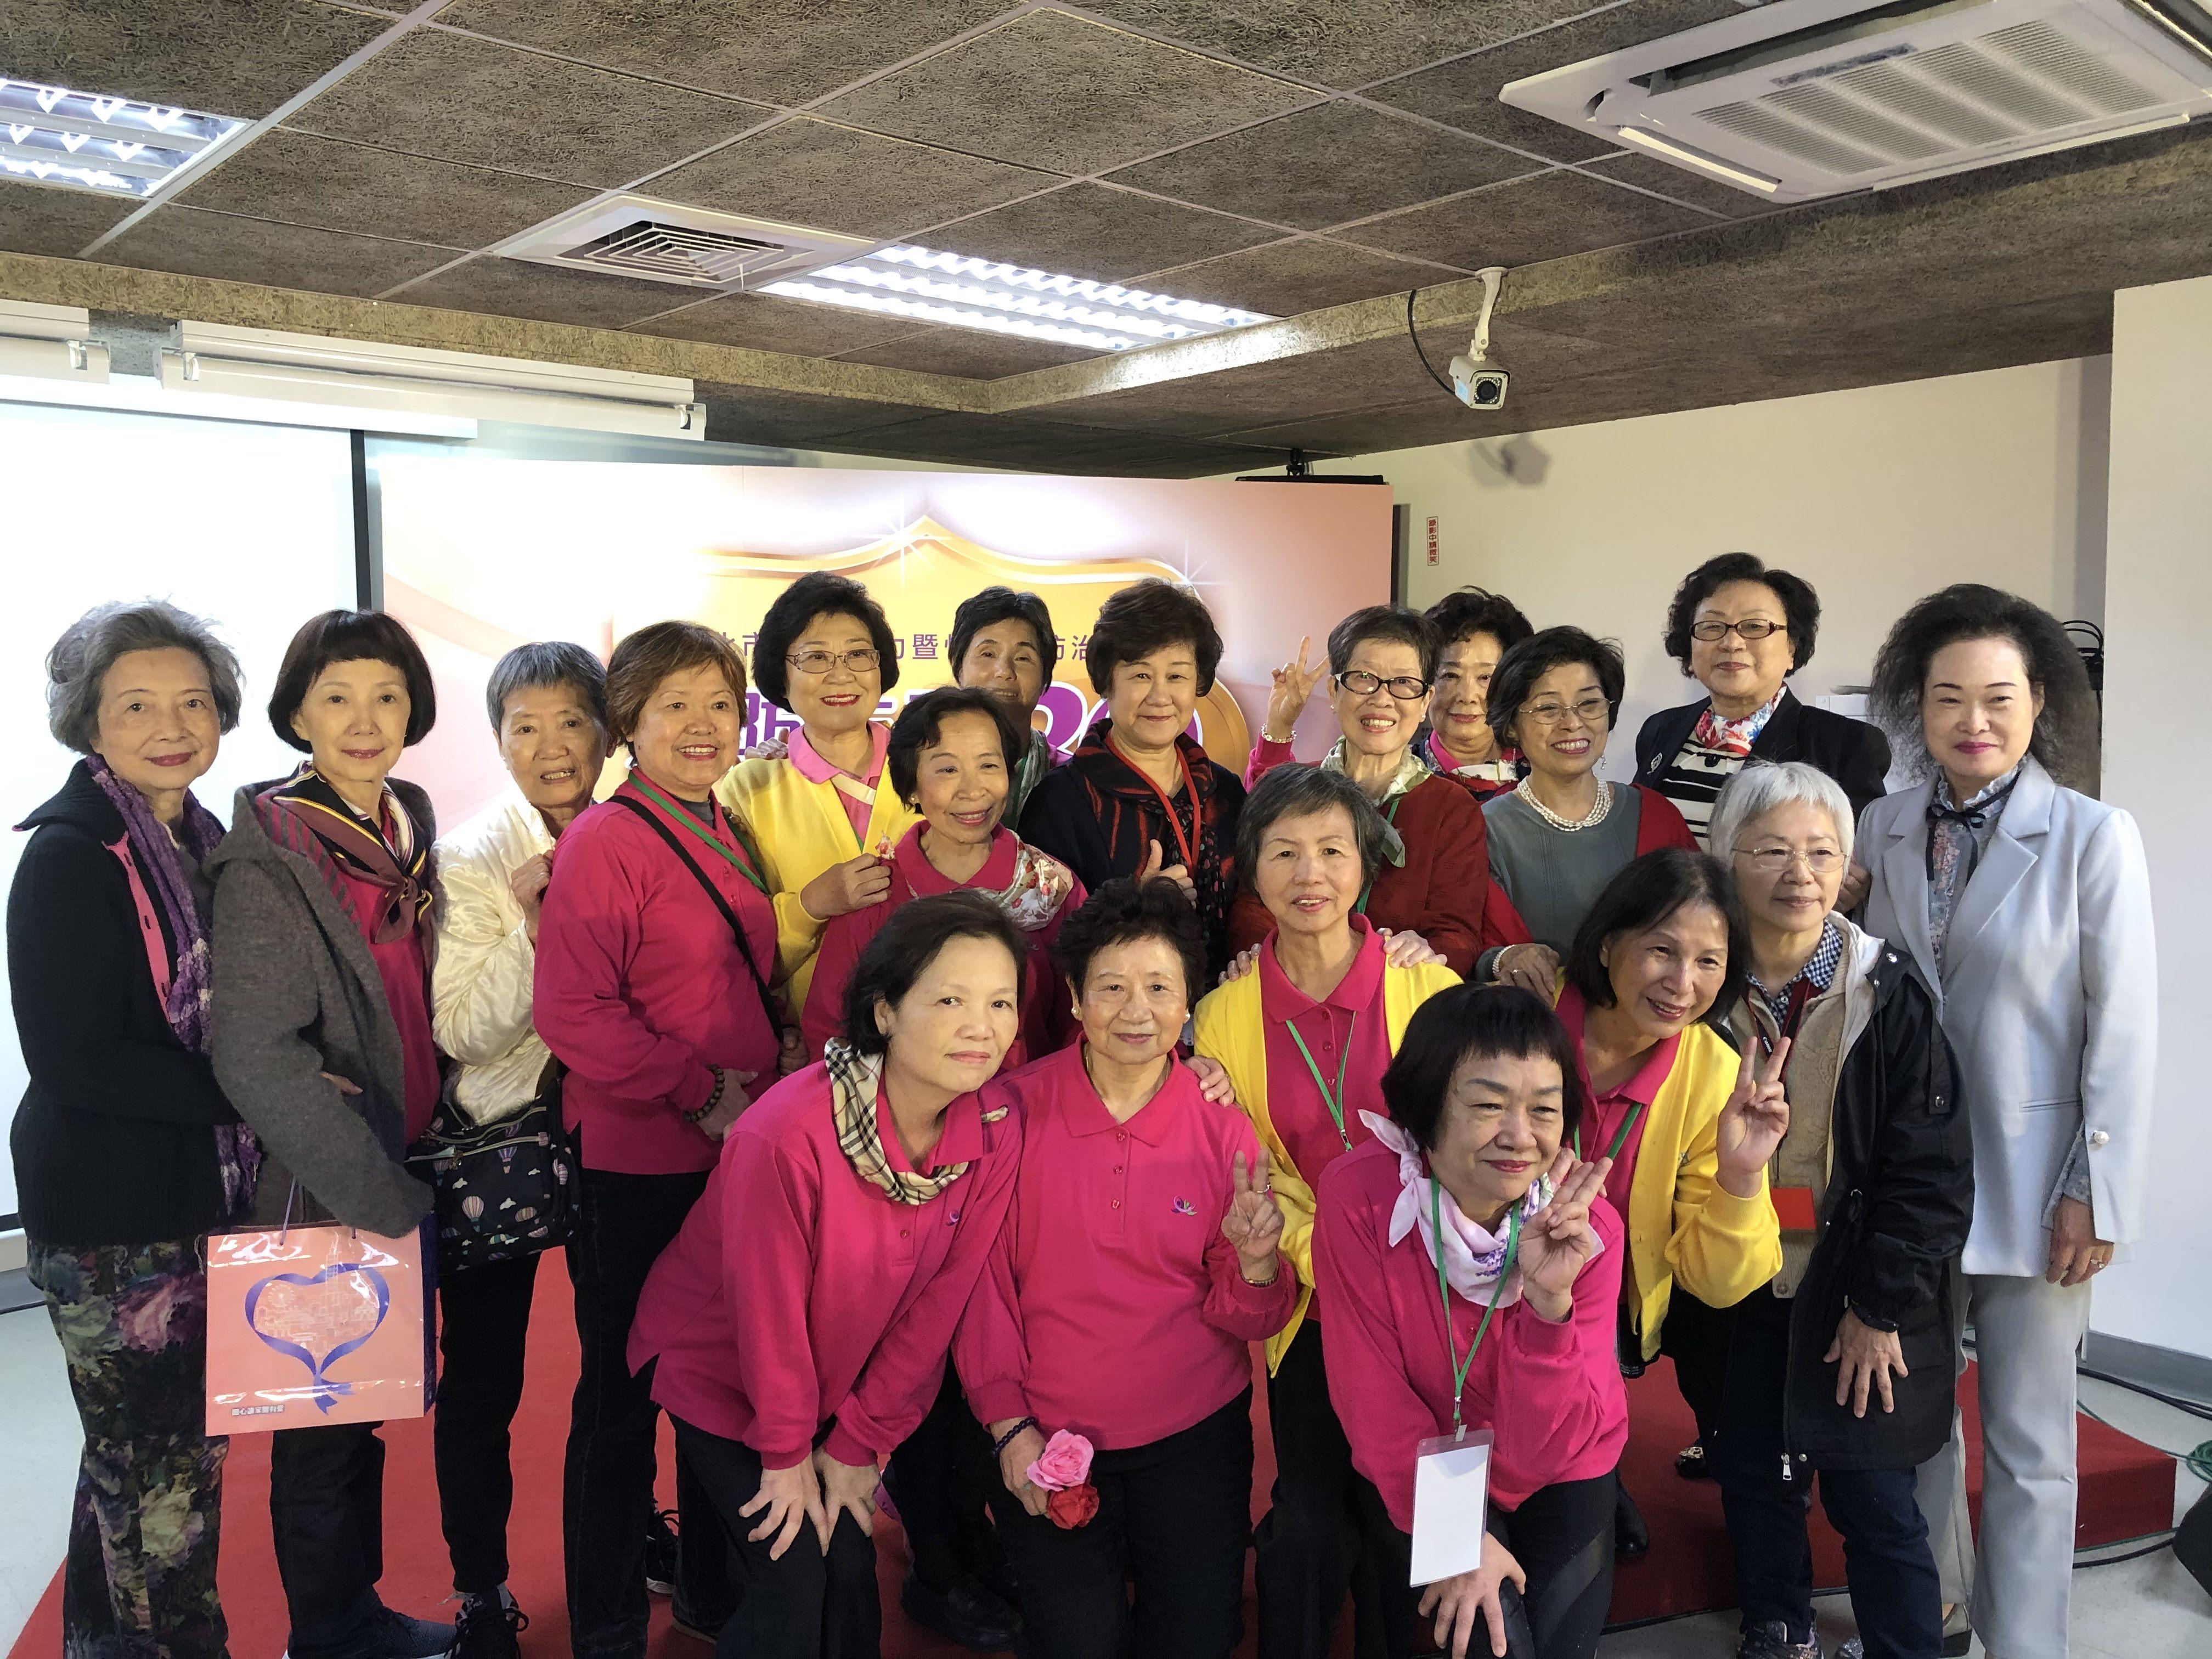 Members of the DVPC volunteer team